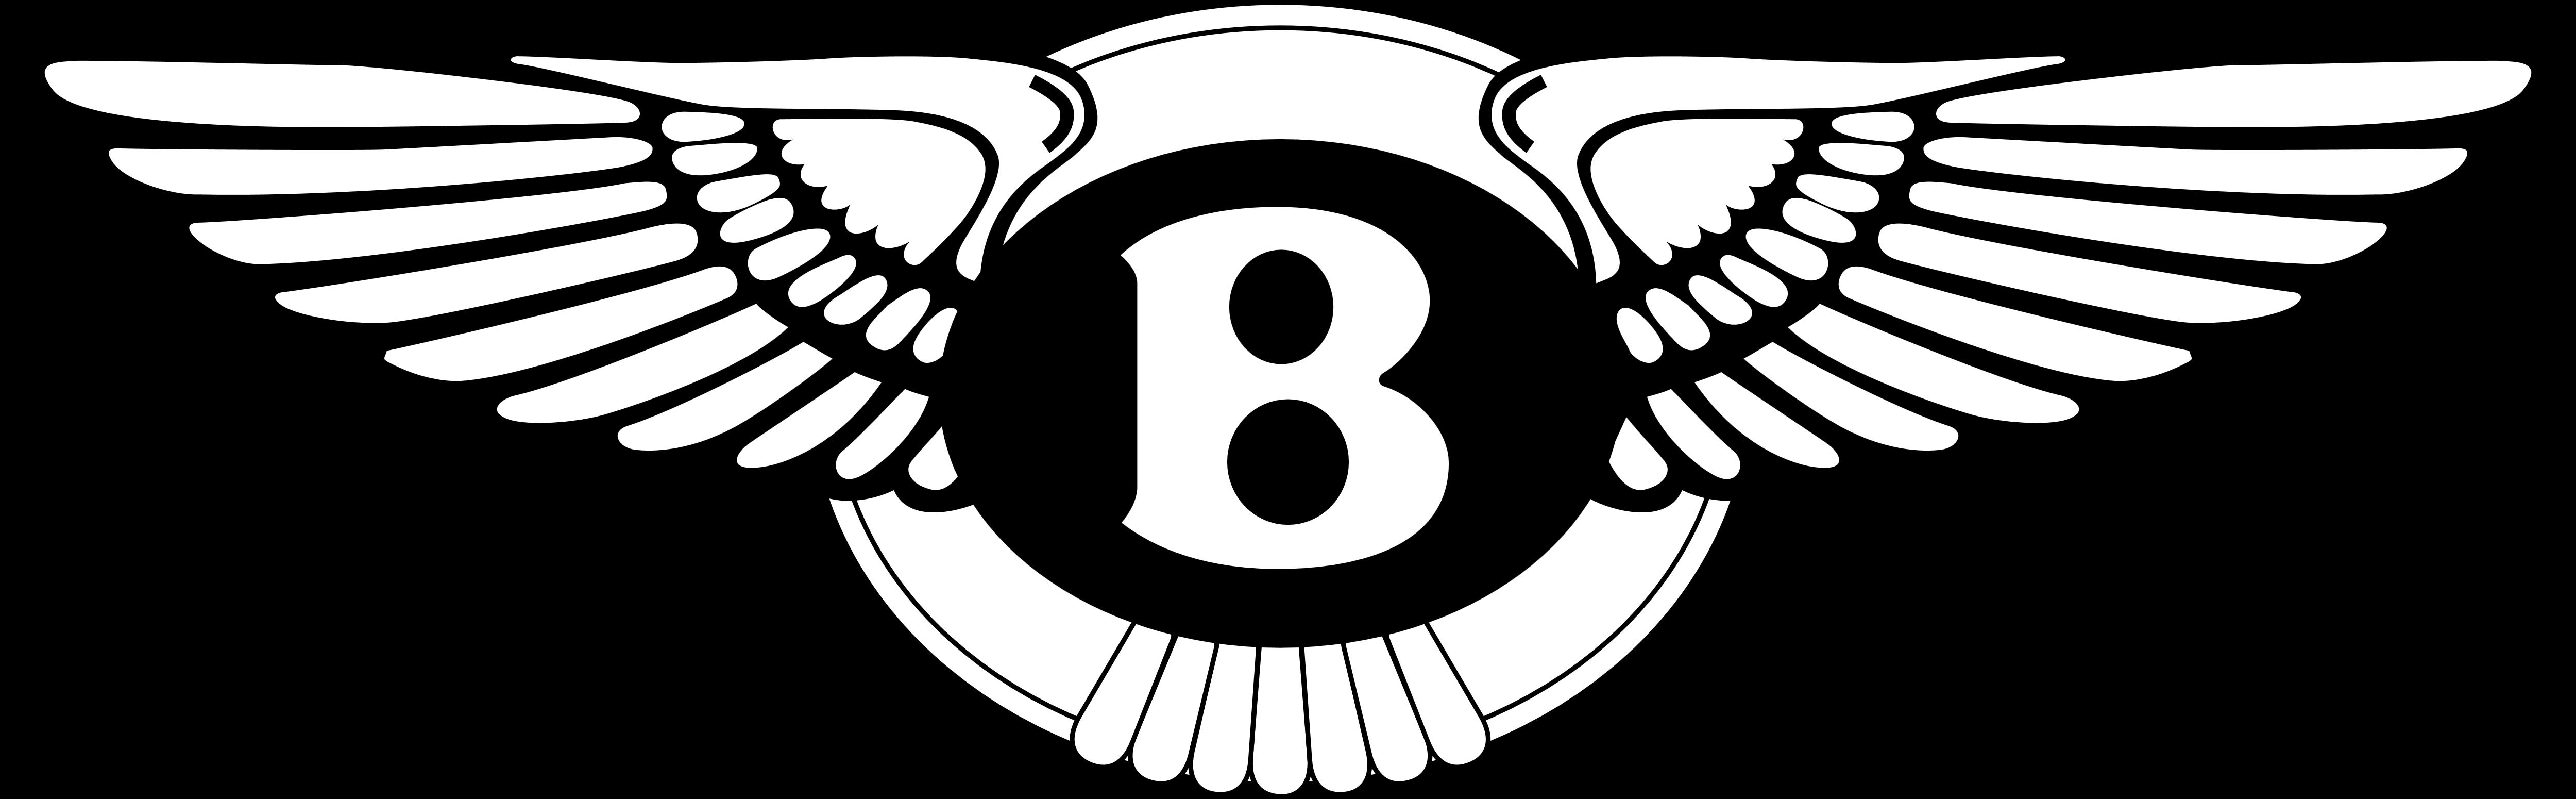 Bentley logos download for Immagini vector